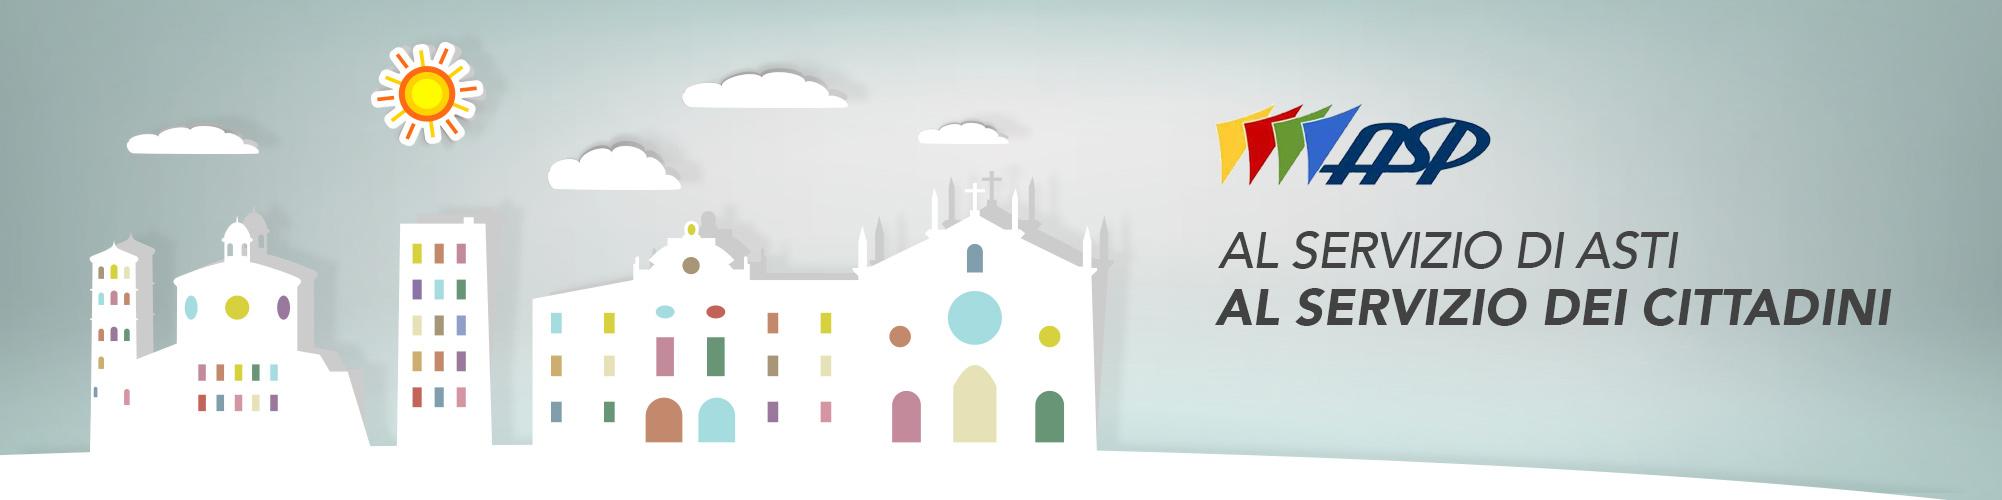 ASP - Al servizio di Asti, al servizio dei cittadini